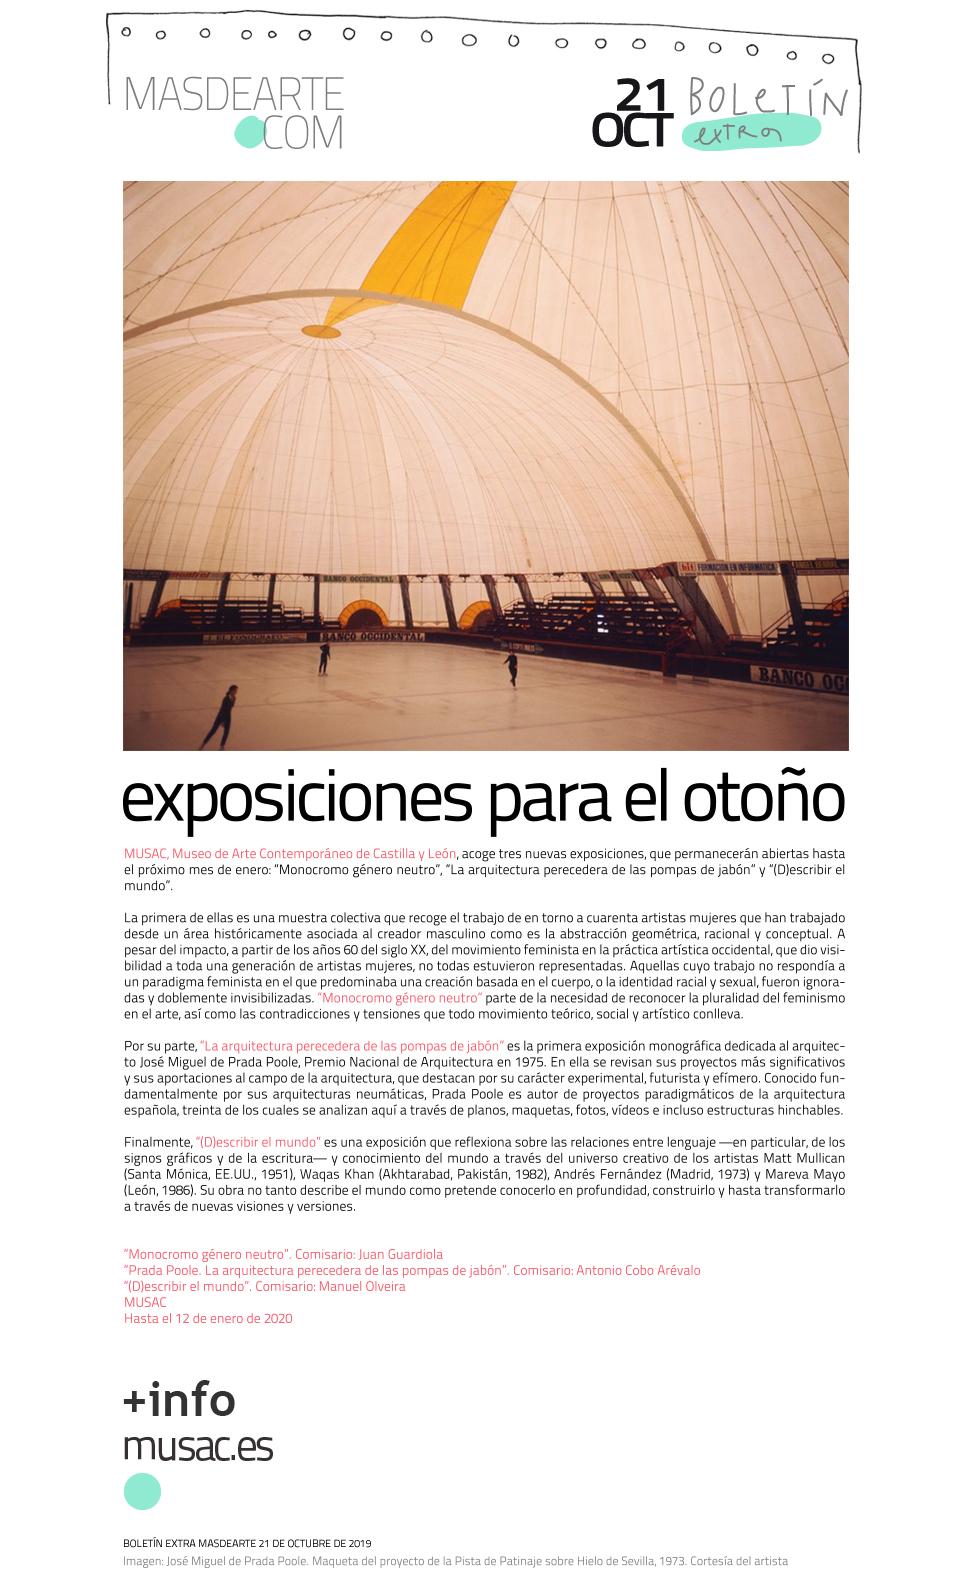 Extra masdearte: ''Monocromo género neutro'', ''La arquitectura perecedera de las pompas de jabón'' en el MUSAC